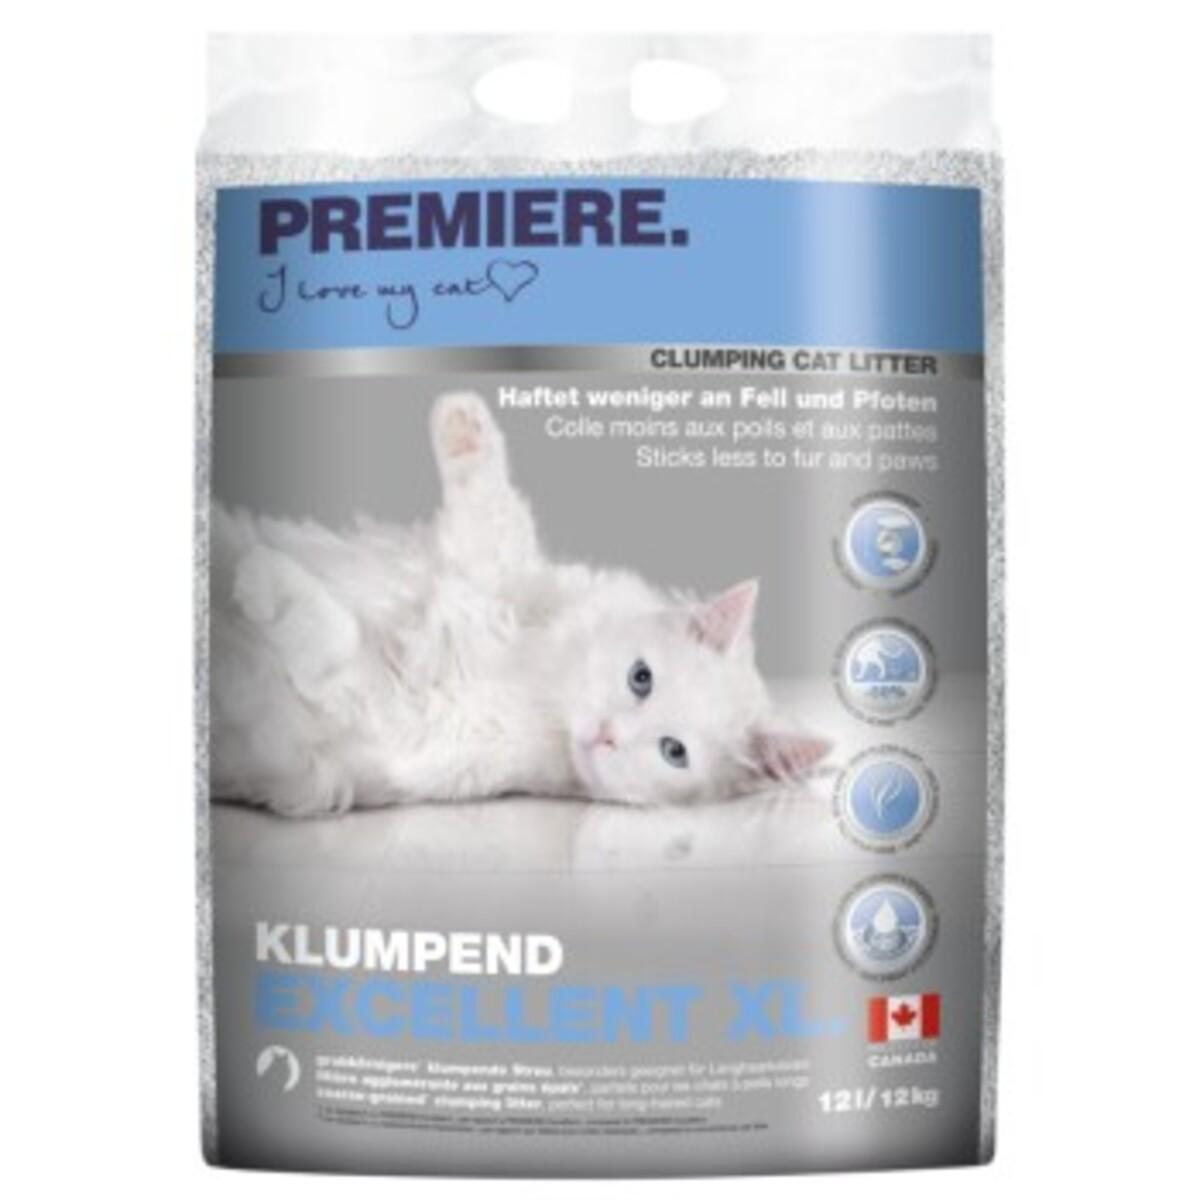 Bild 1 von PREMIERE Excellent XL Klumpstreu